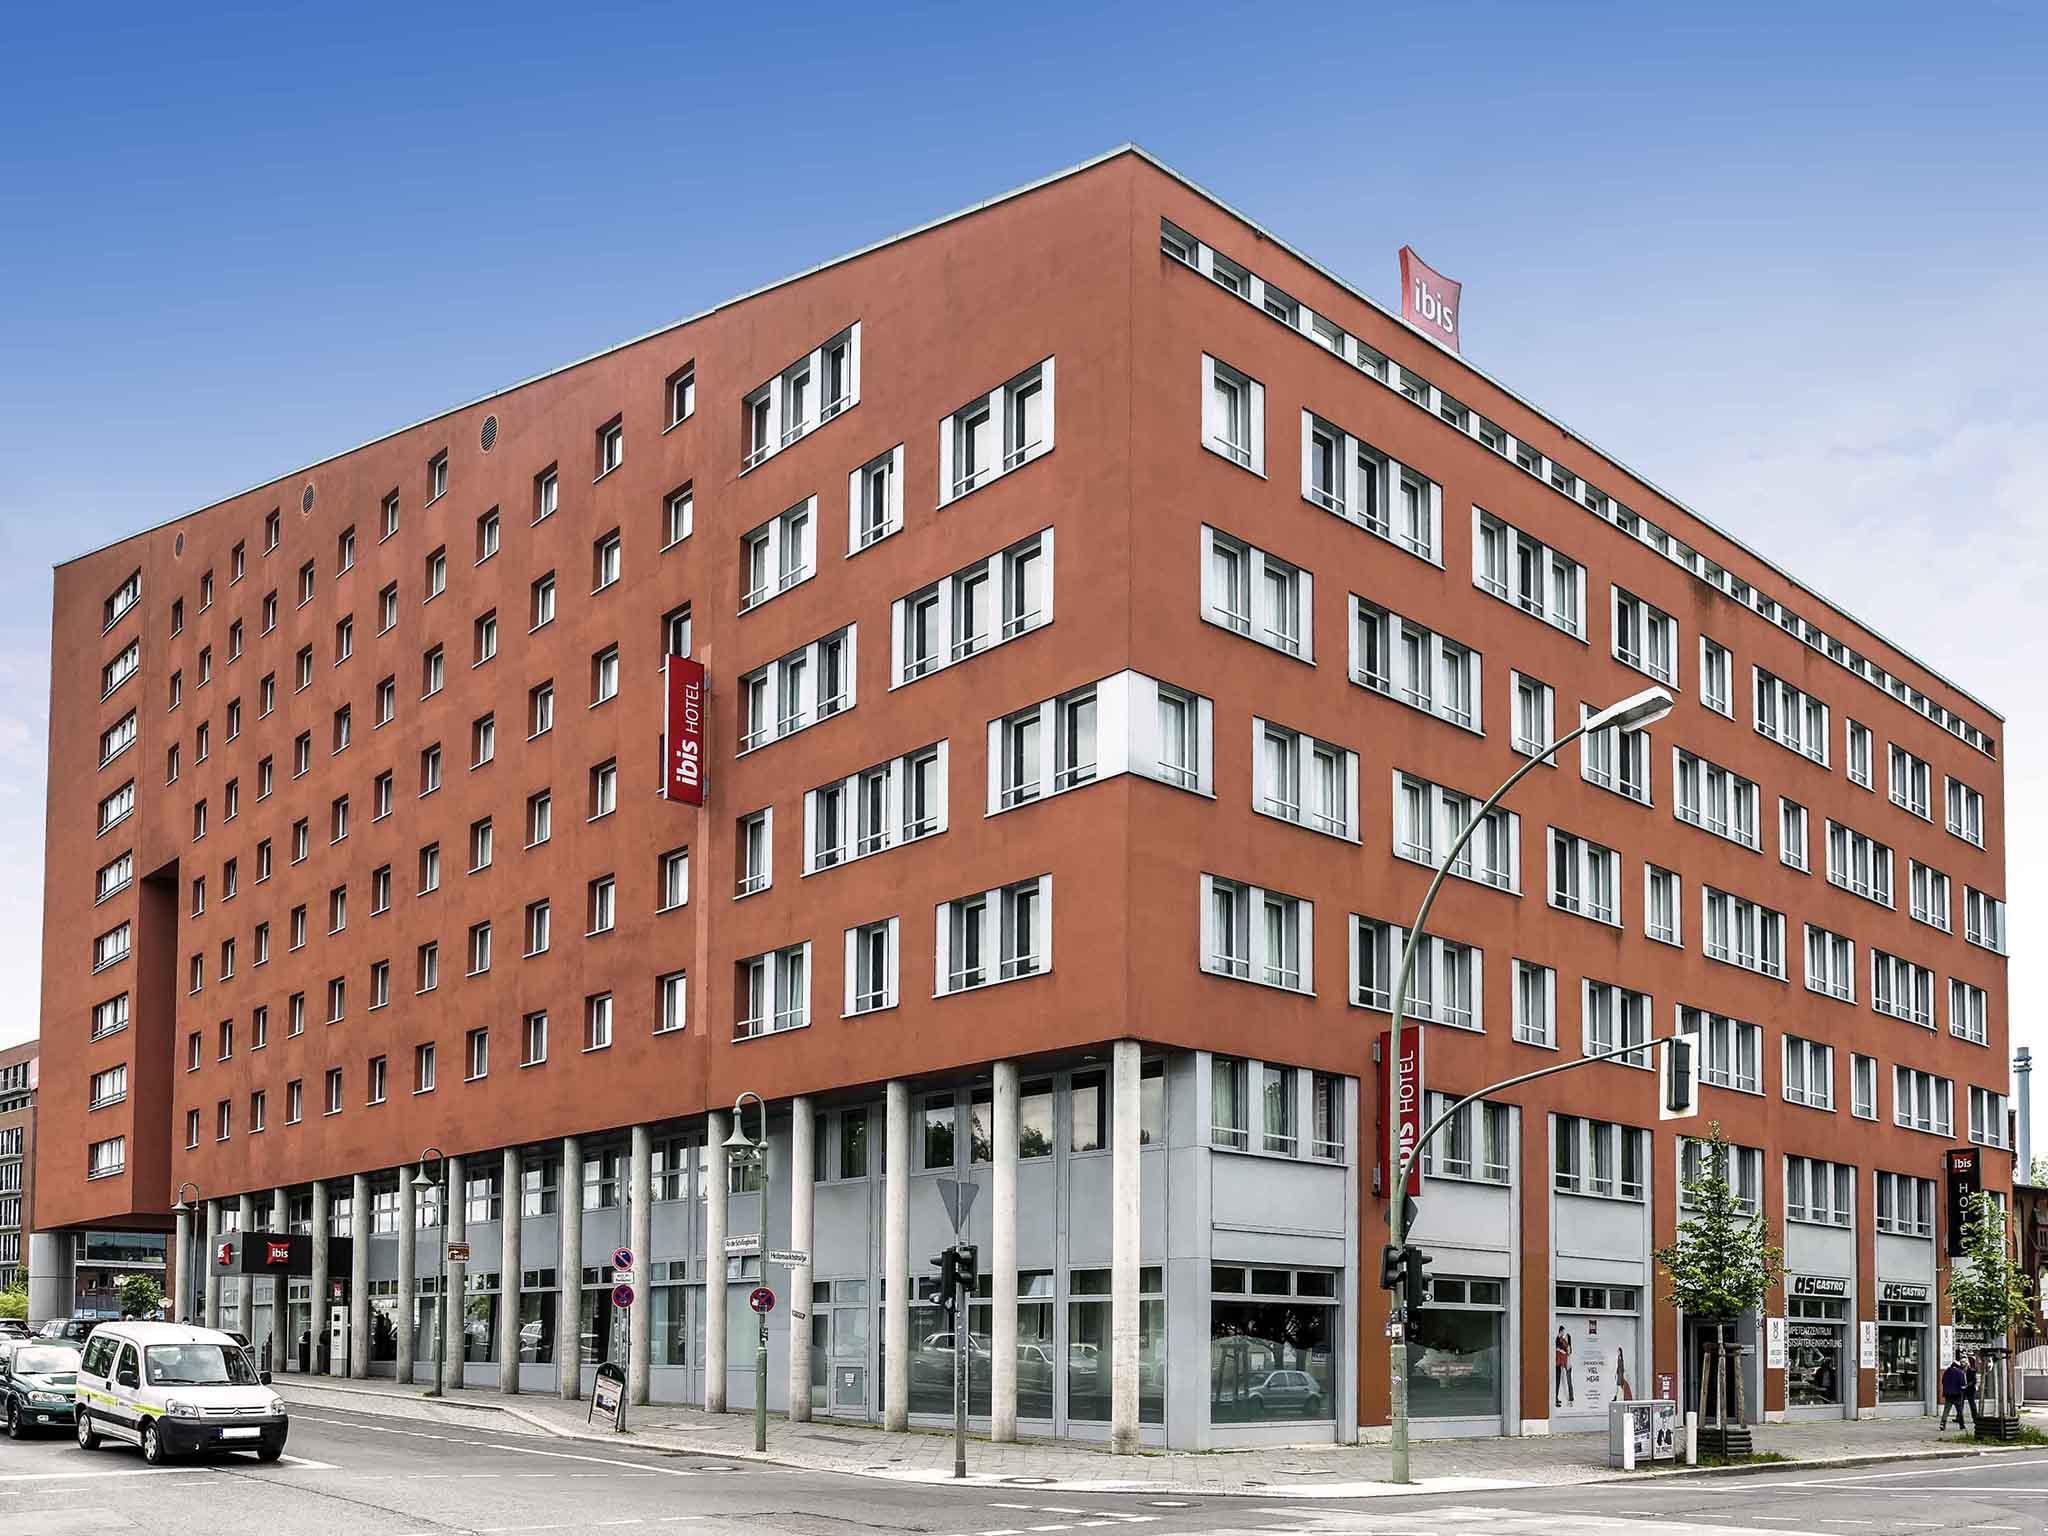 ホテル – イビスベルリンオストバーンホフ